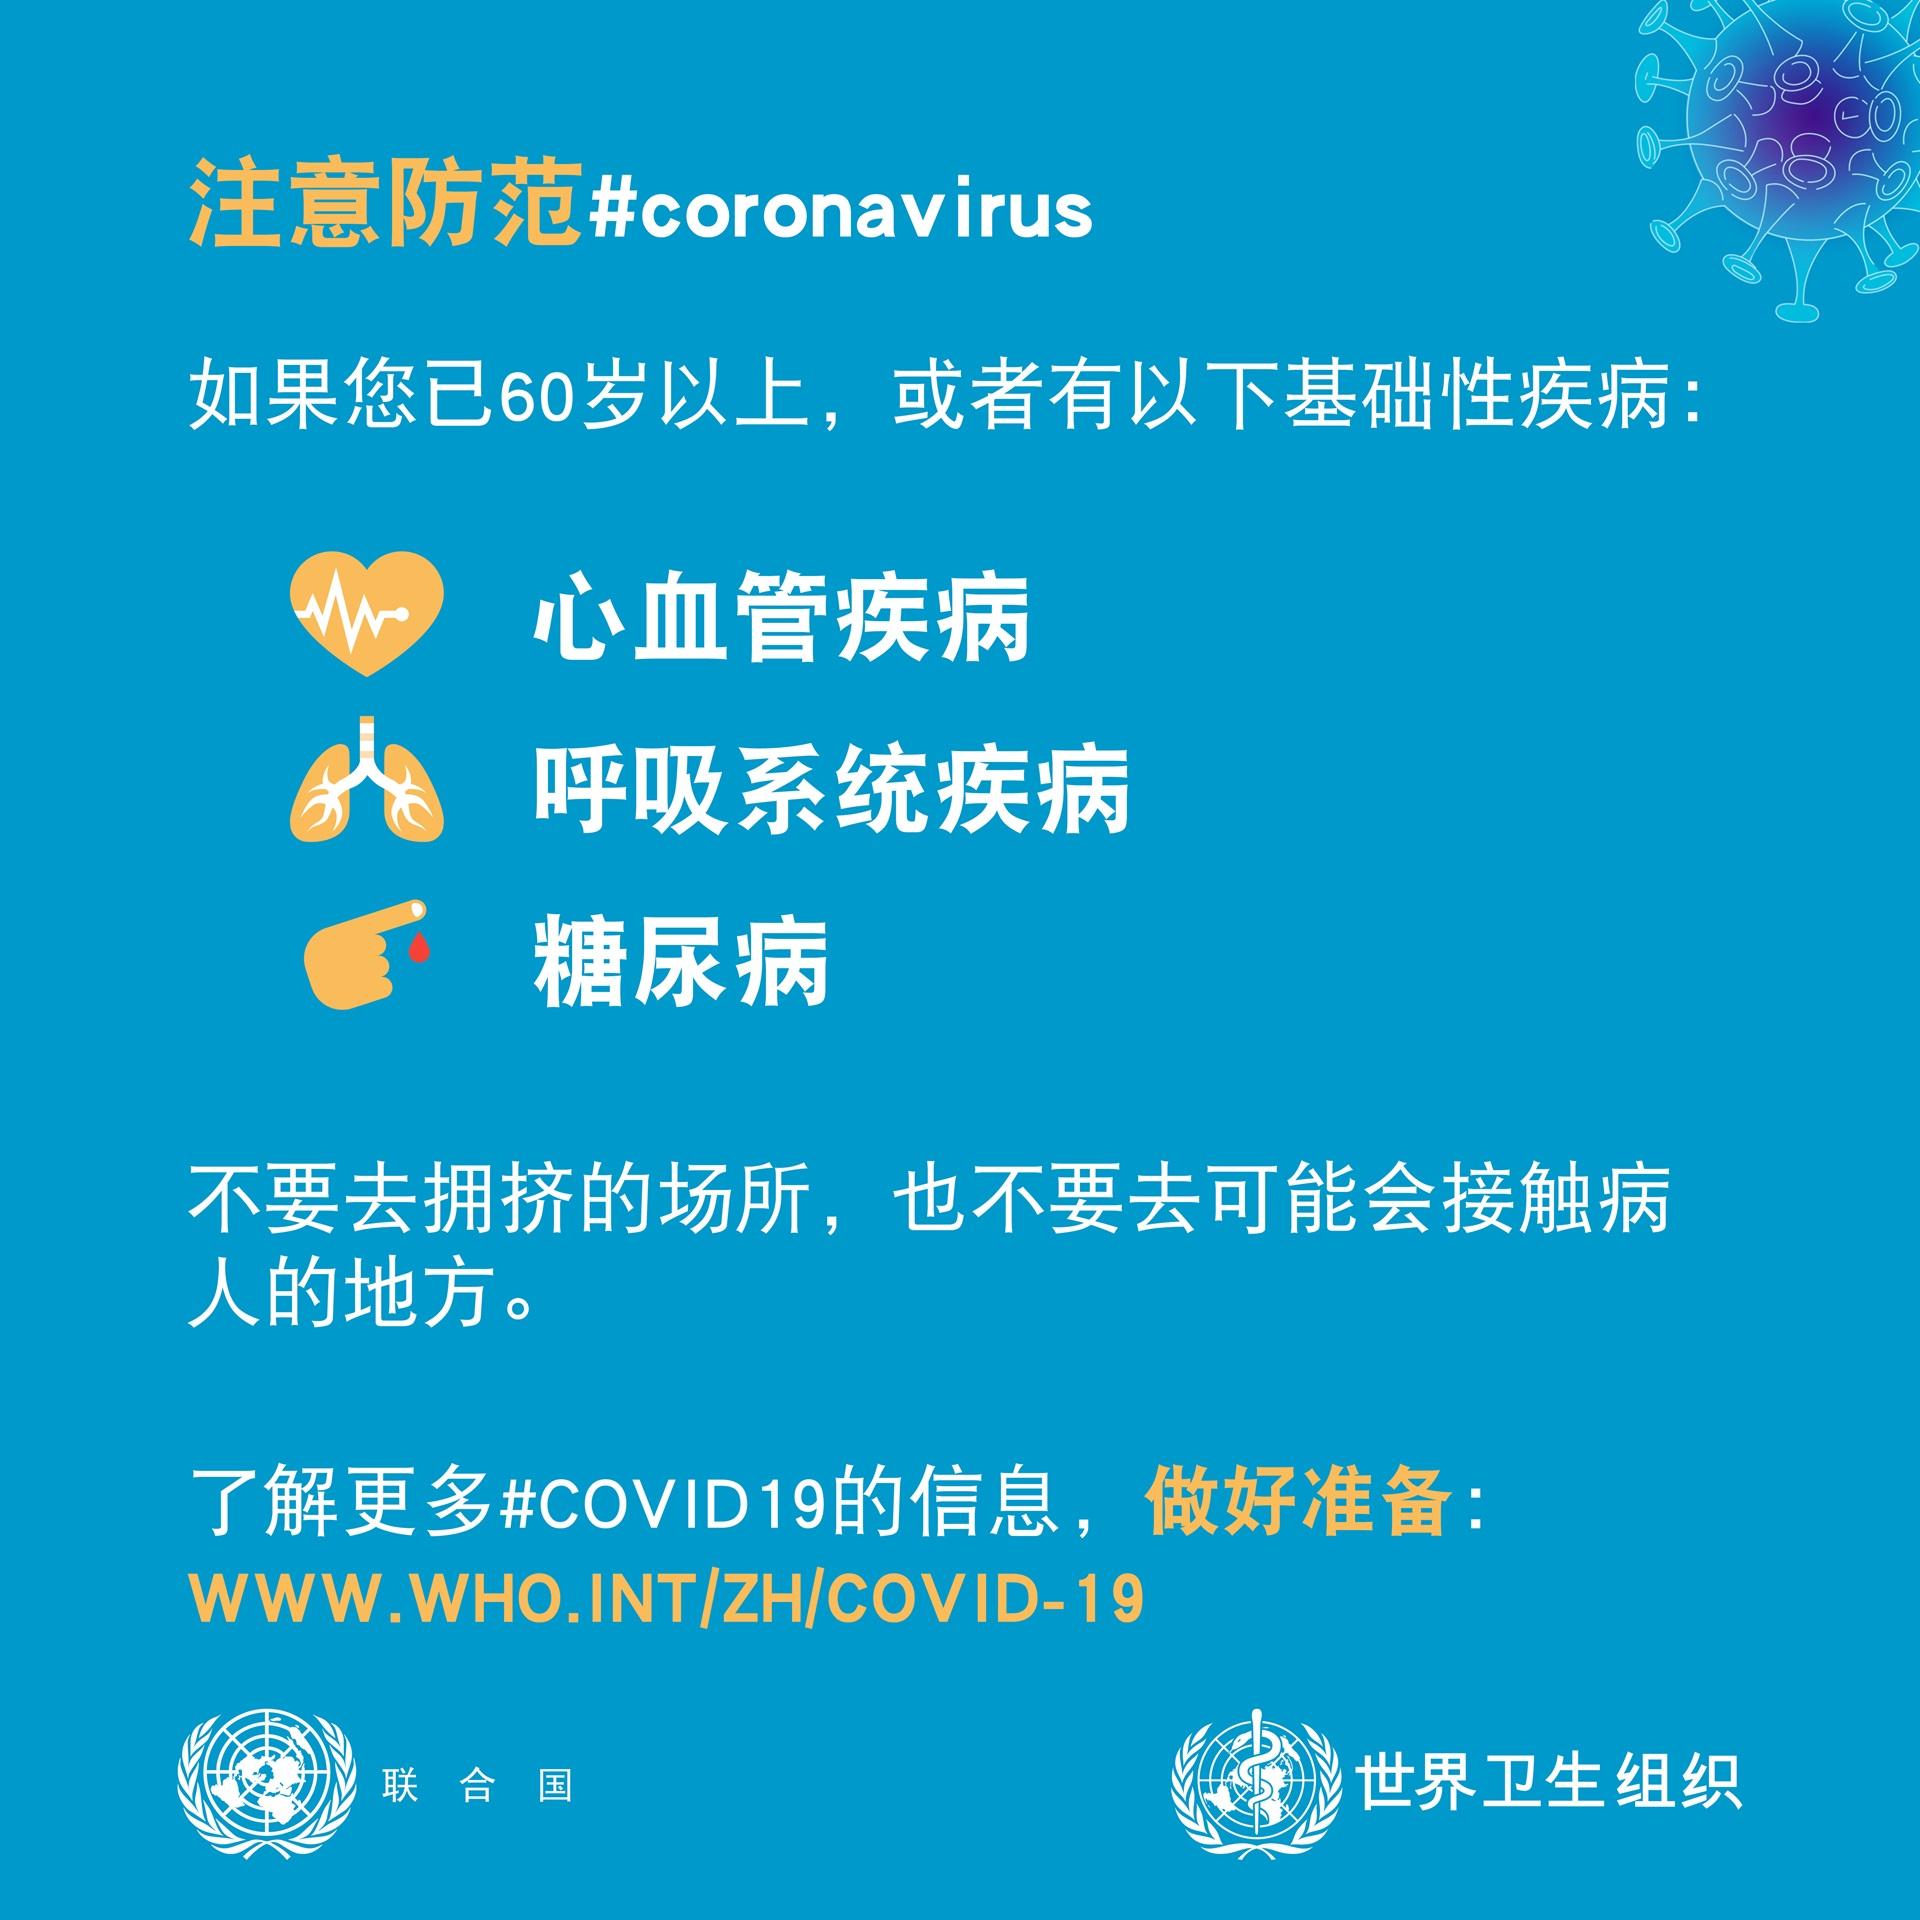 注意防范冠状病毒